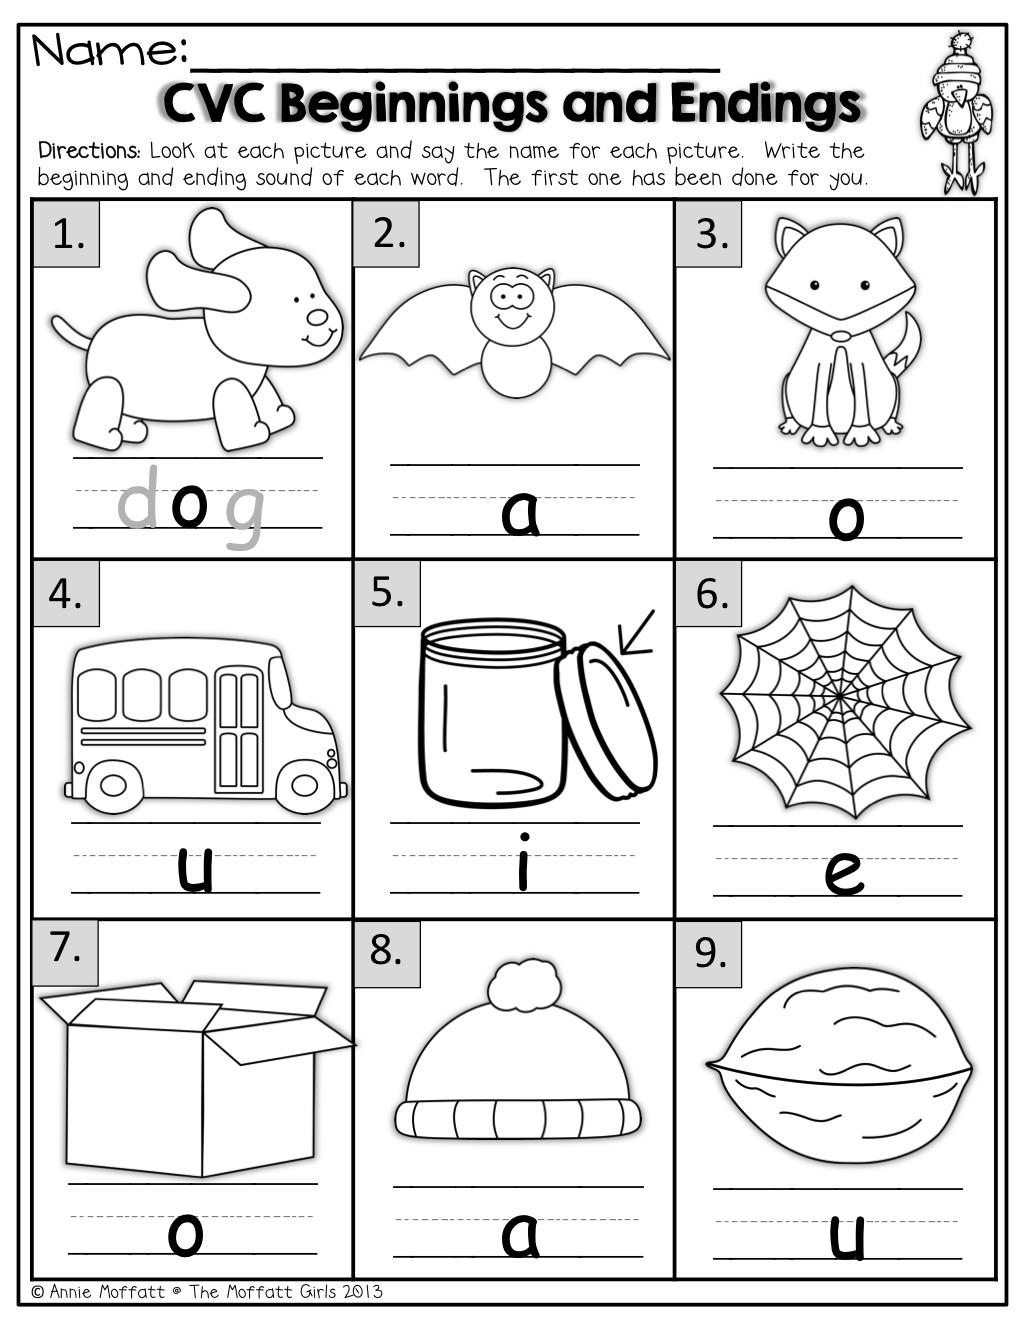 Ending Sound Worksheets For Kindergarten